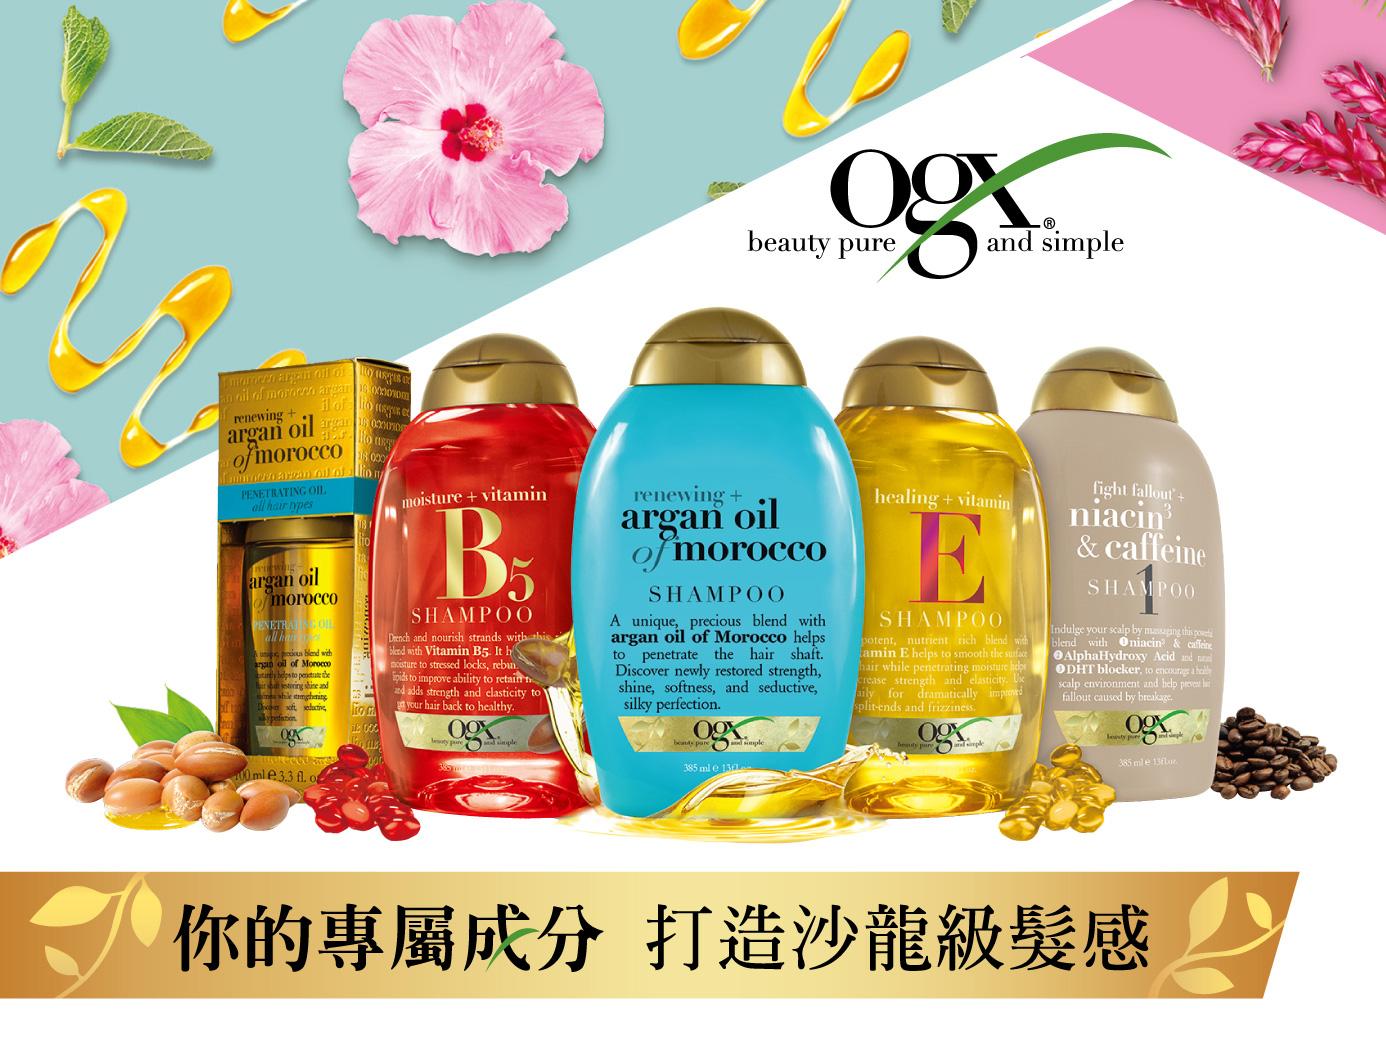 迎接美髮新感受 OGX全新上市 打造沙龍級髮感